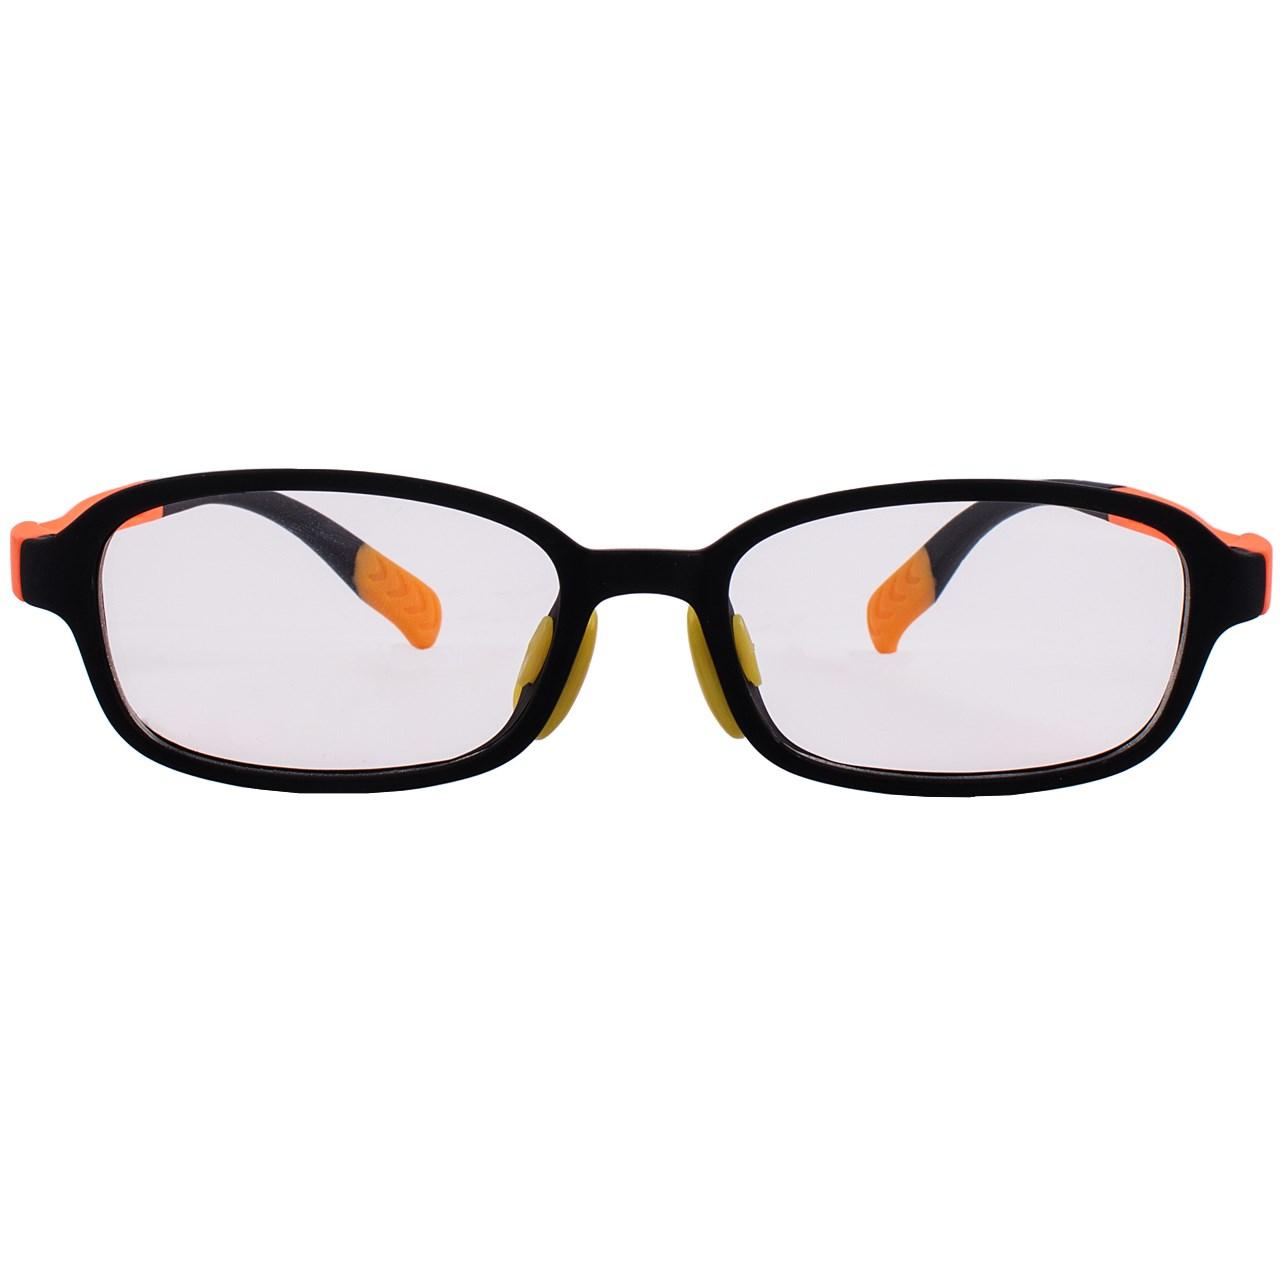 فریم عینک بچگانه واته مدل 2100C6